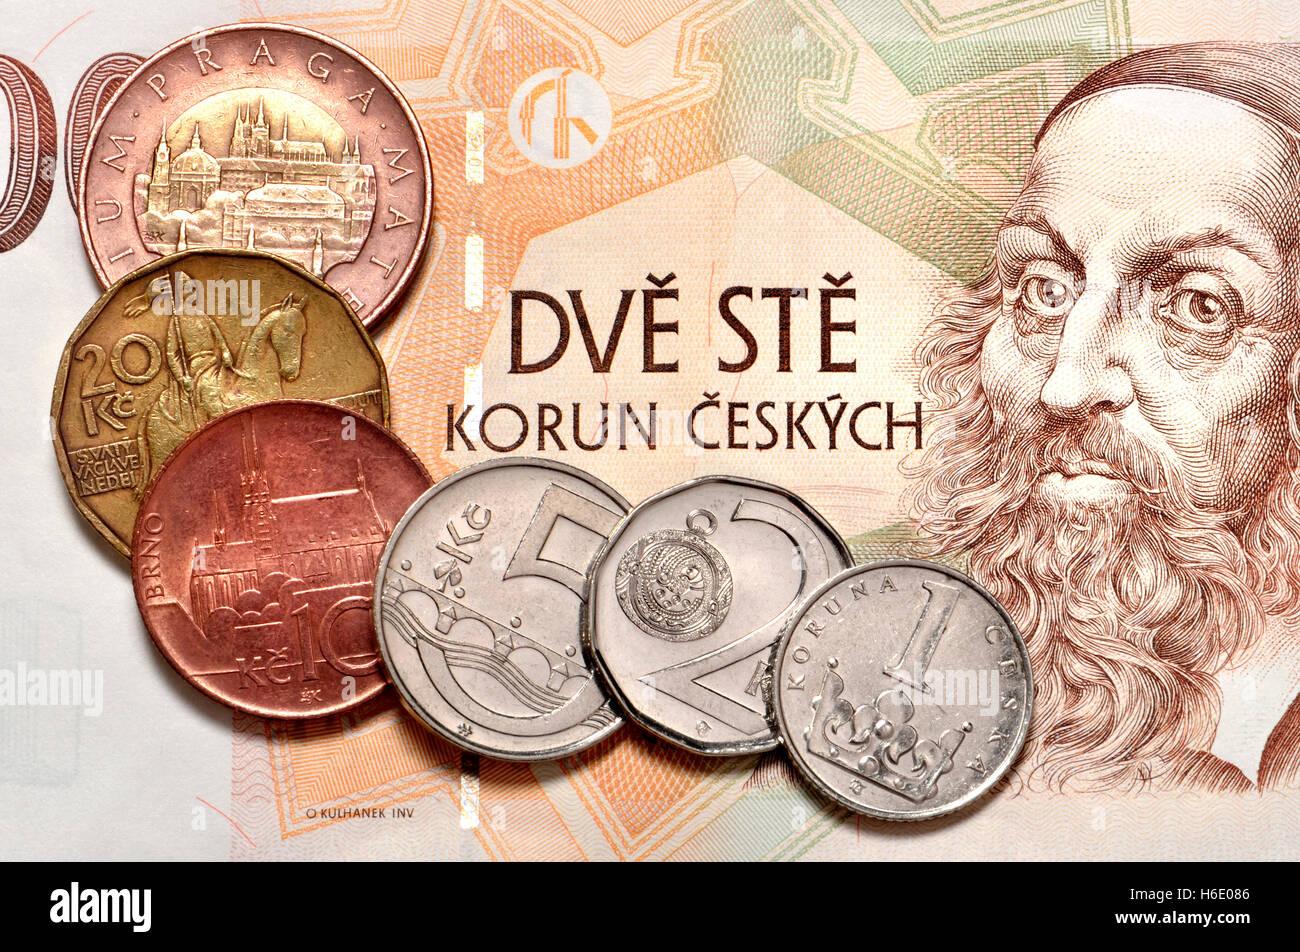 kronen währung